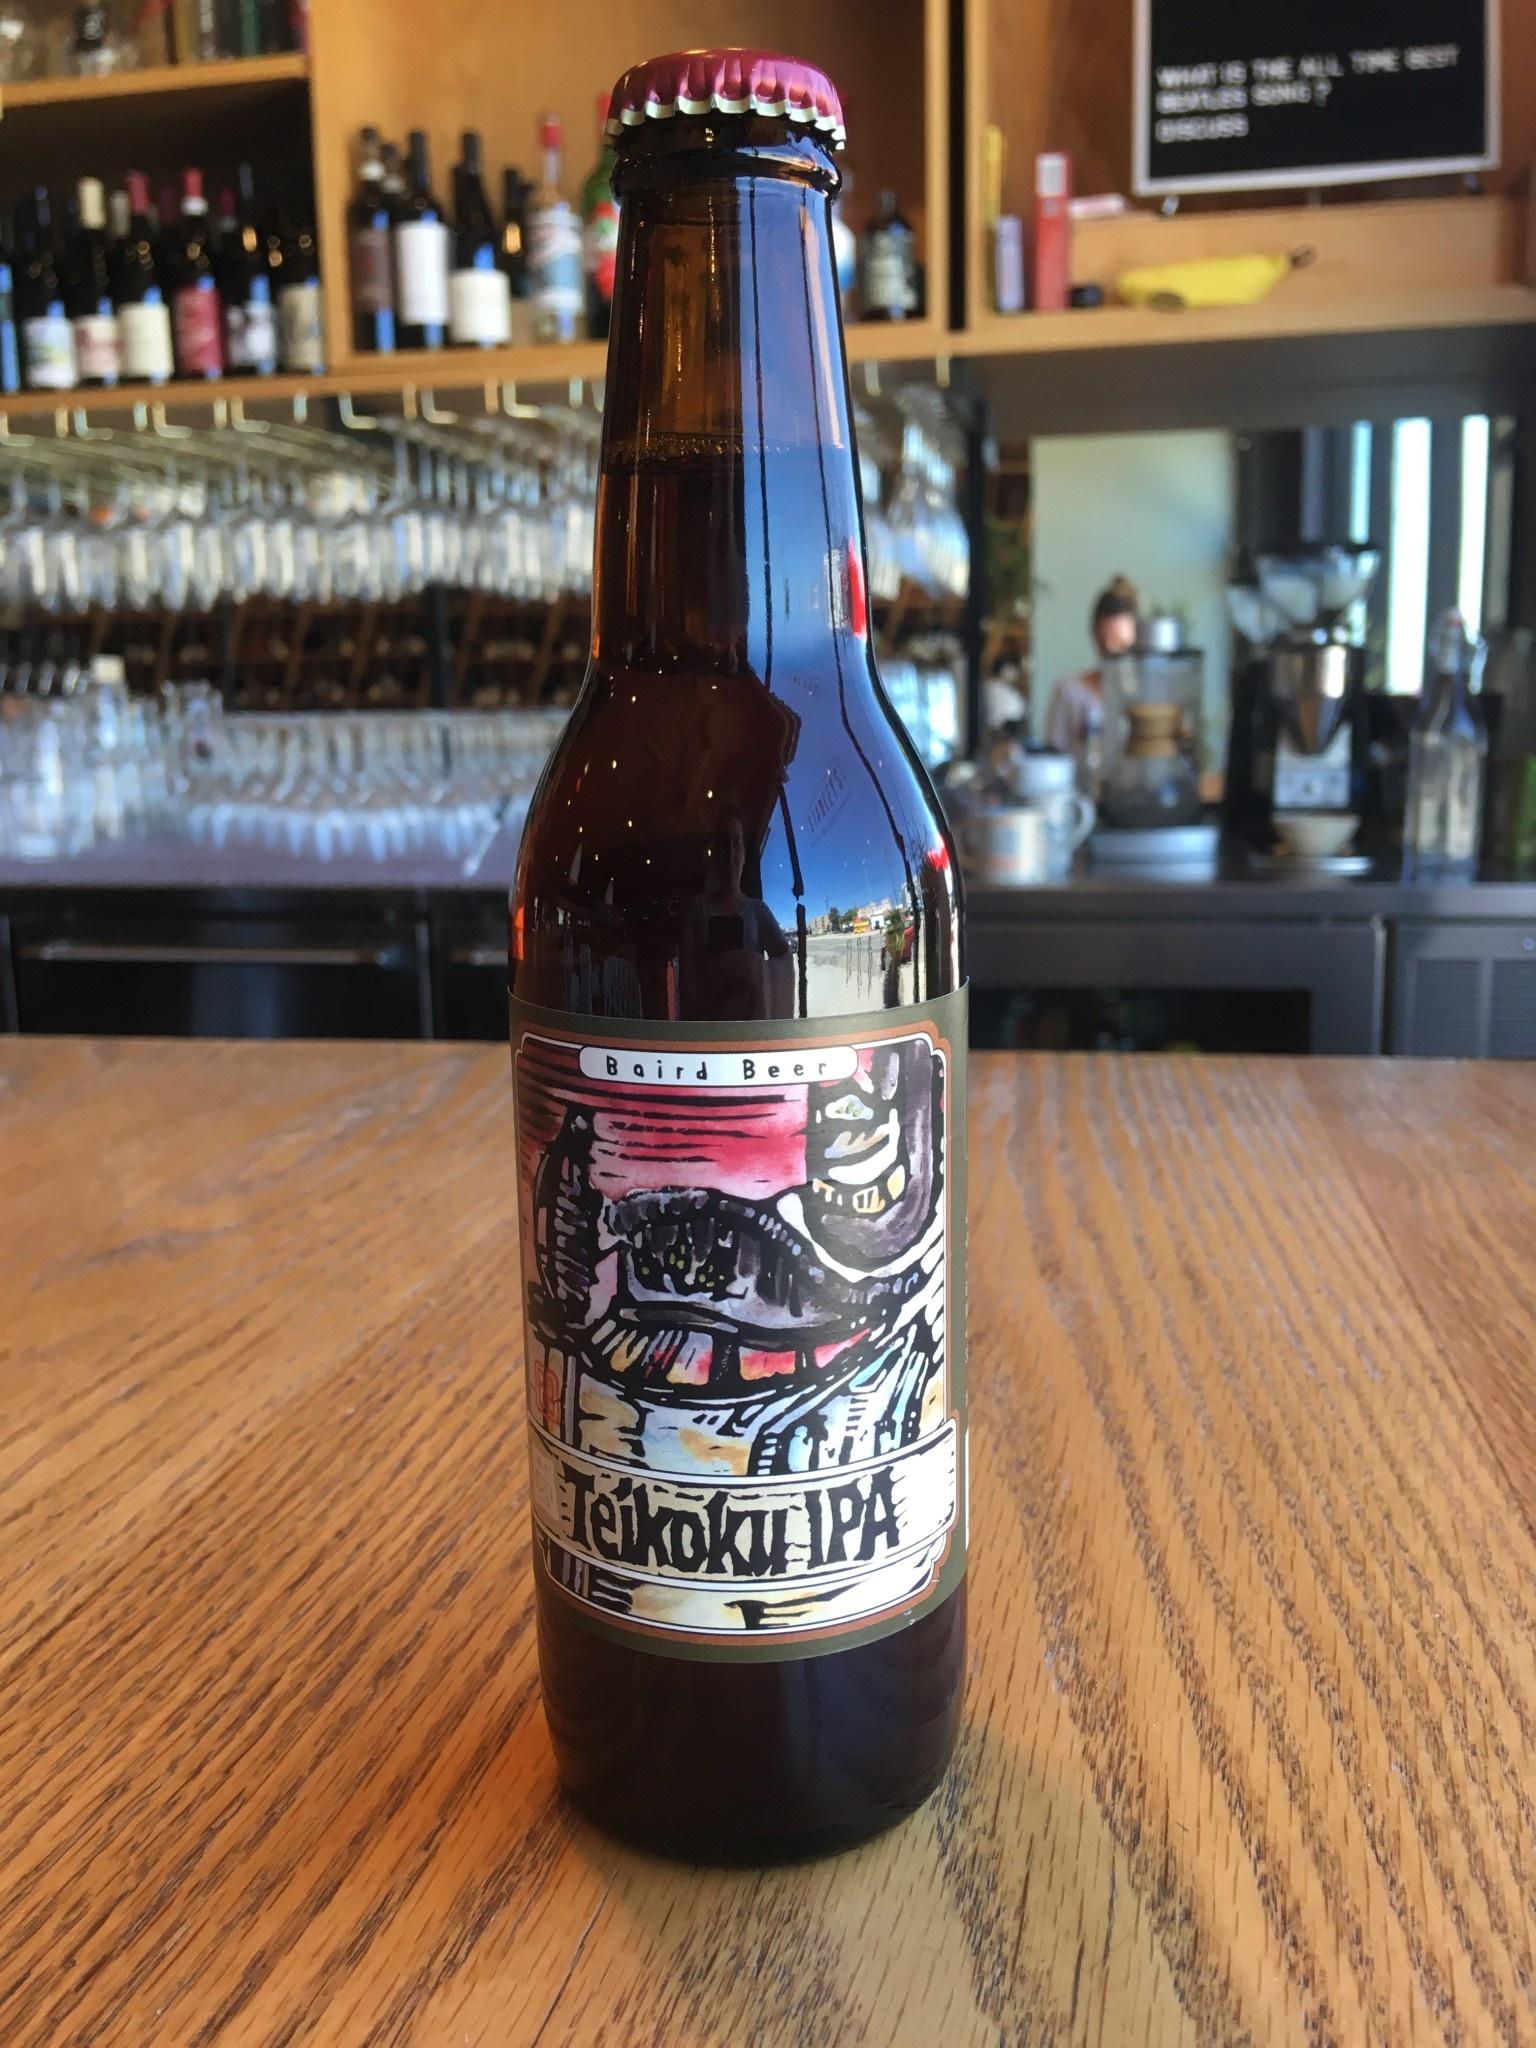 Baird Brewery Baird Brewery Teikoku IPA 330ml